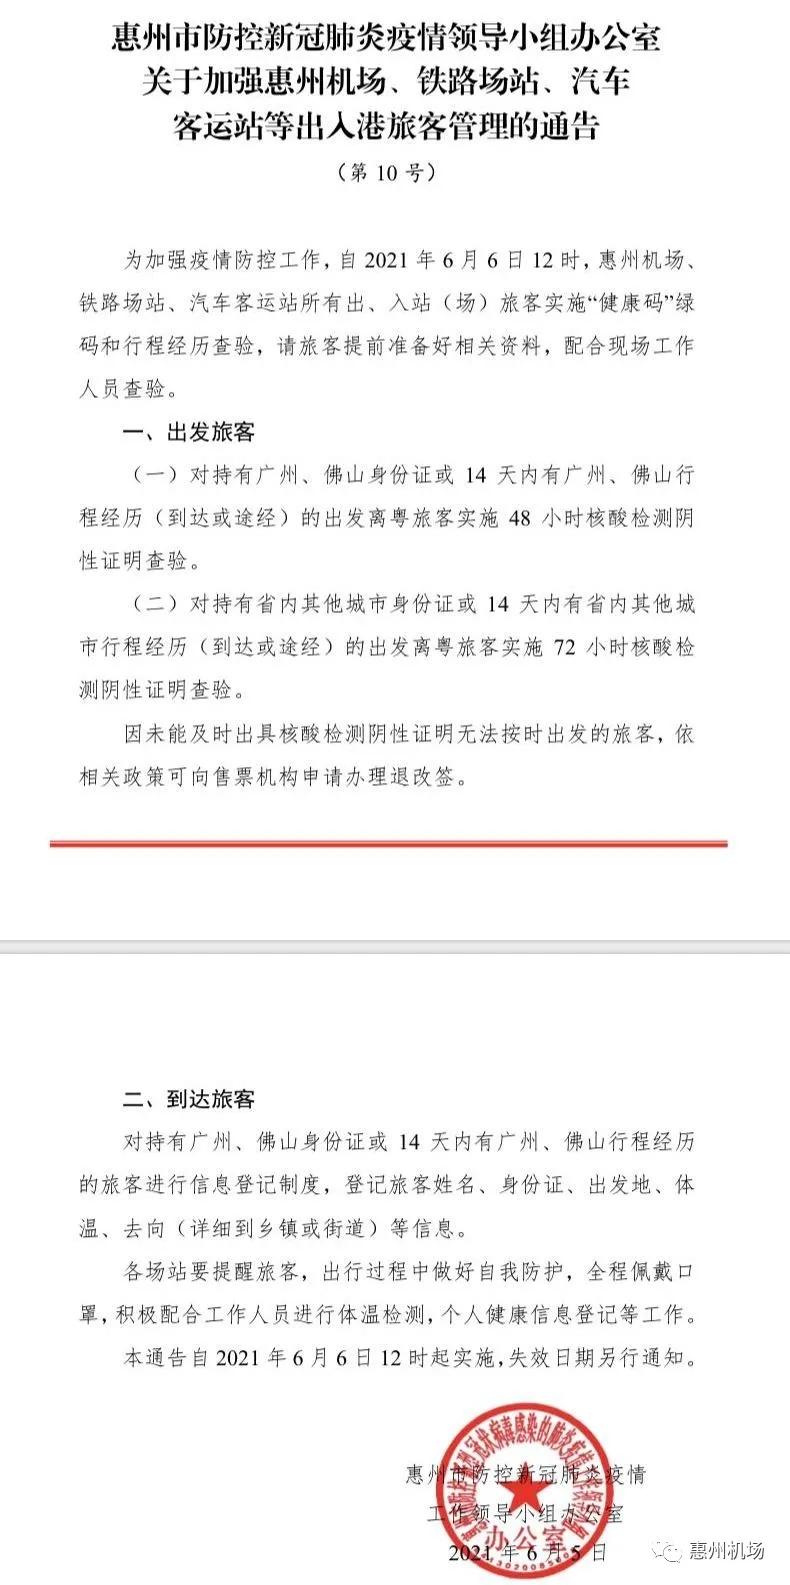 【优行·资讯】重要!最新!广东各大机场乘机出港温馨提醒汇总!